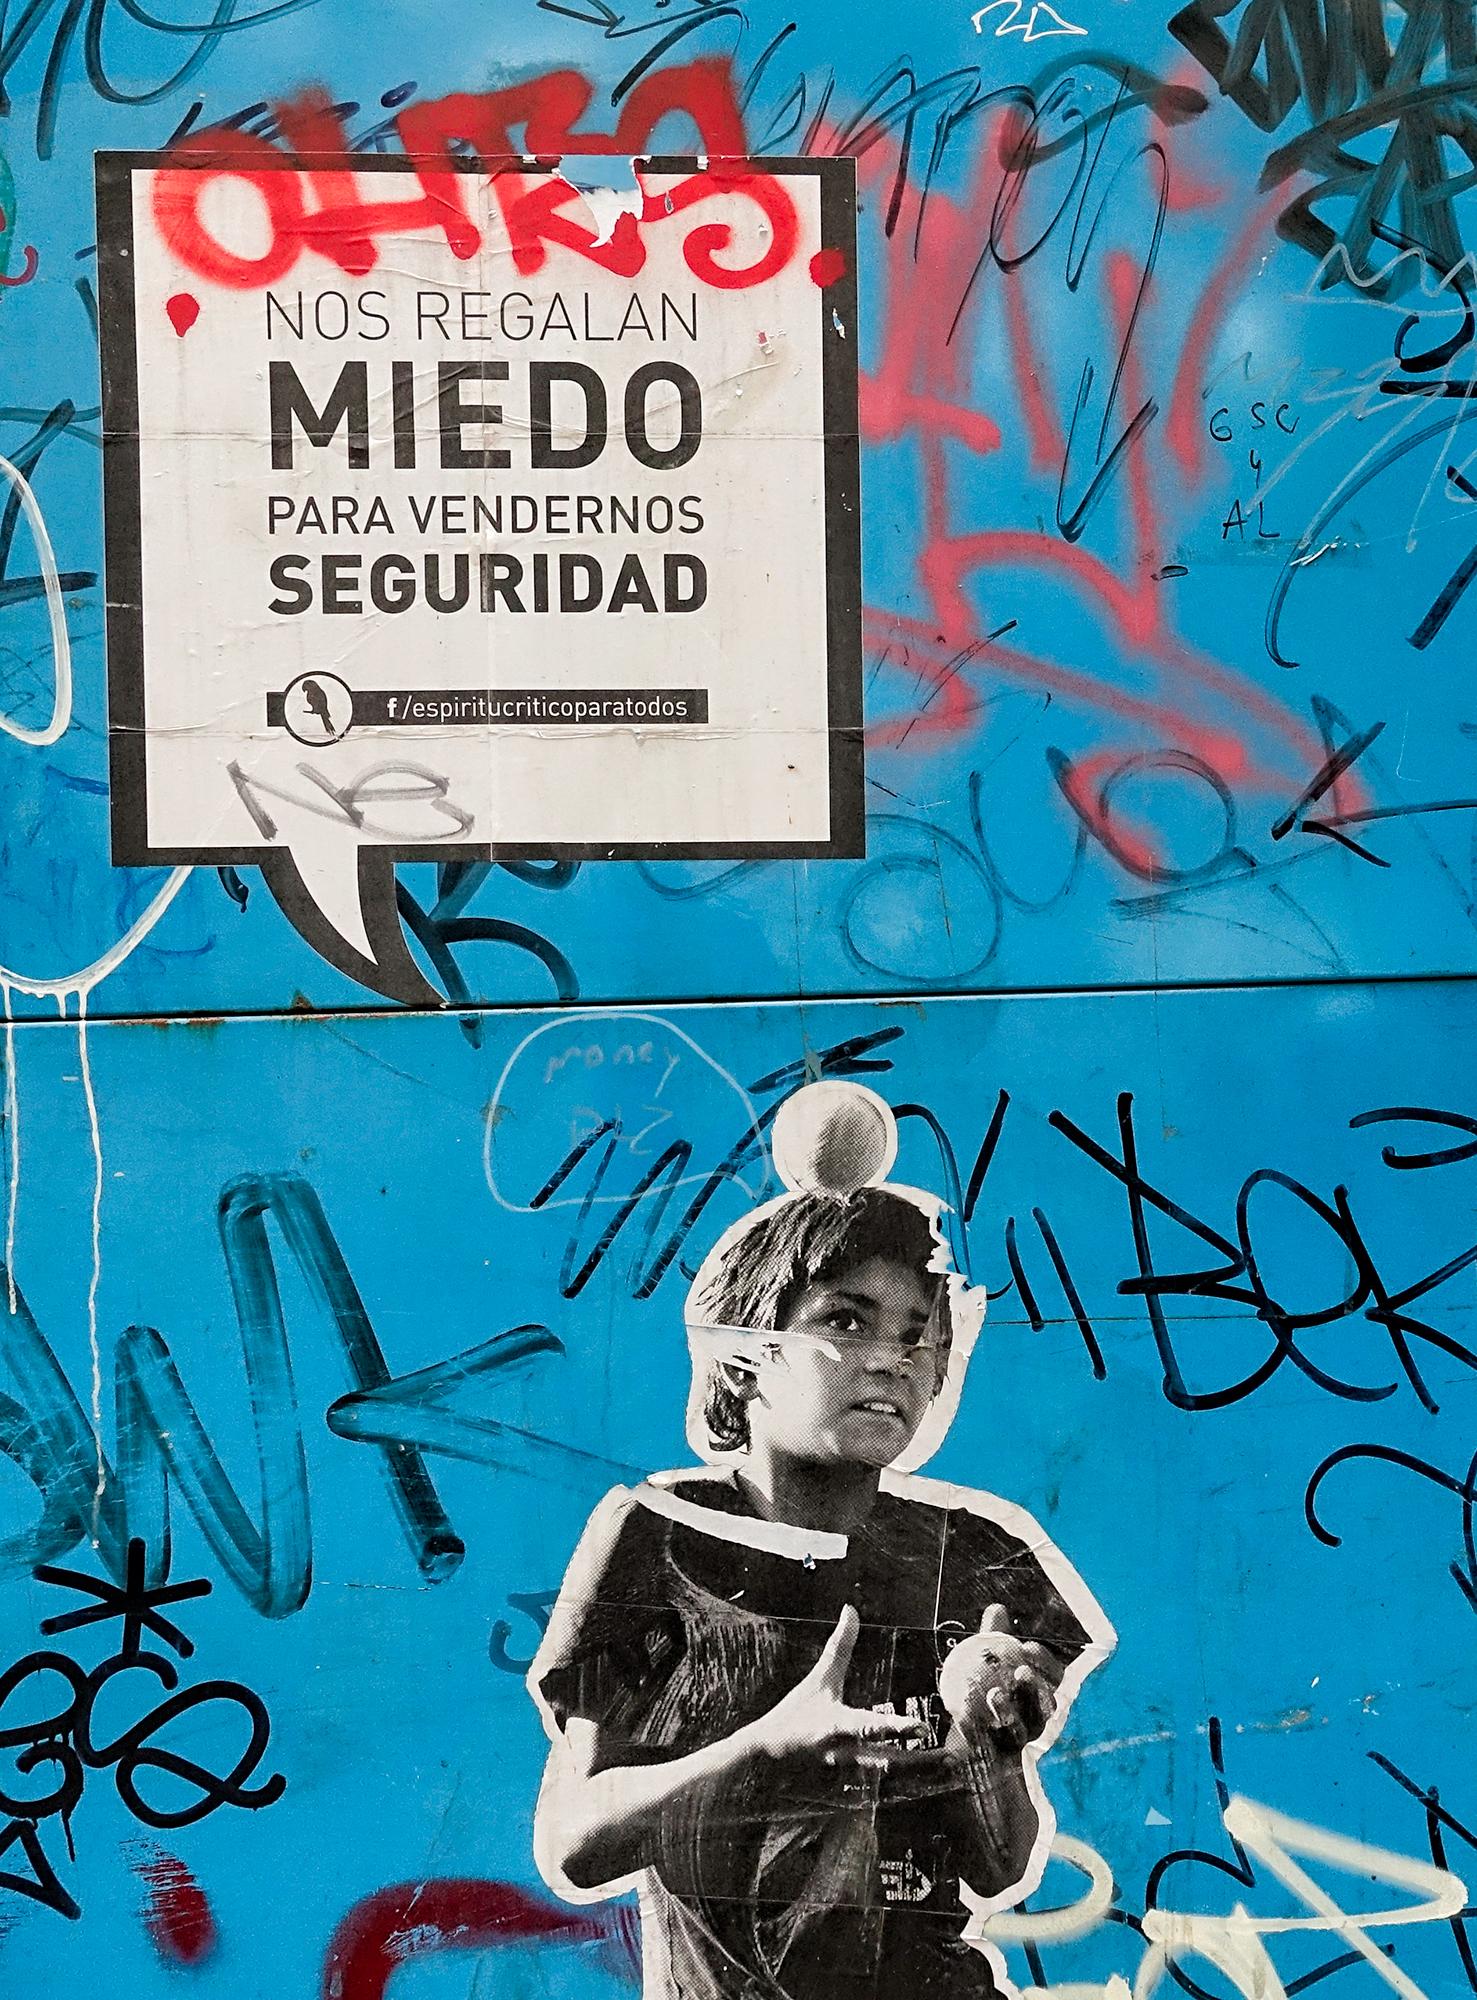 Miedo y Seguridad. Mendoza, Argentina, 2016